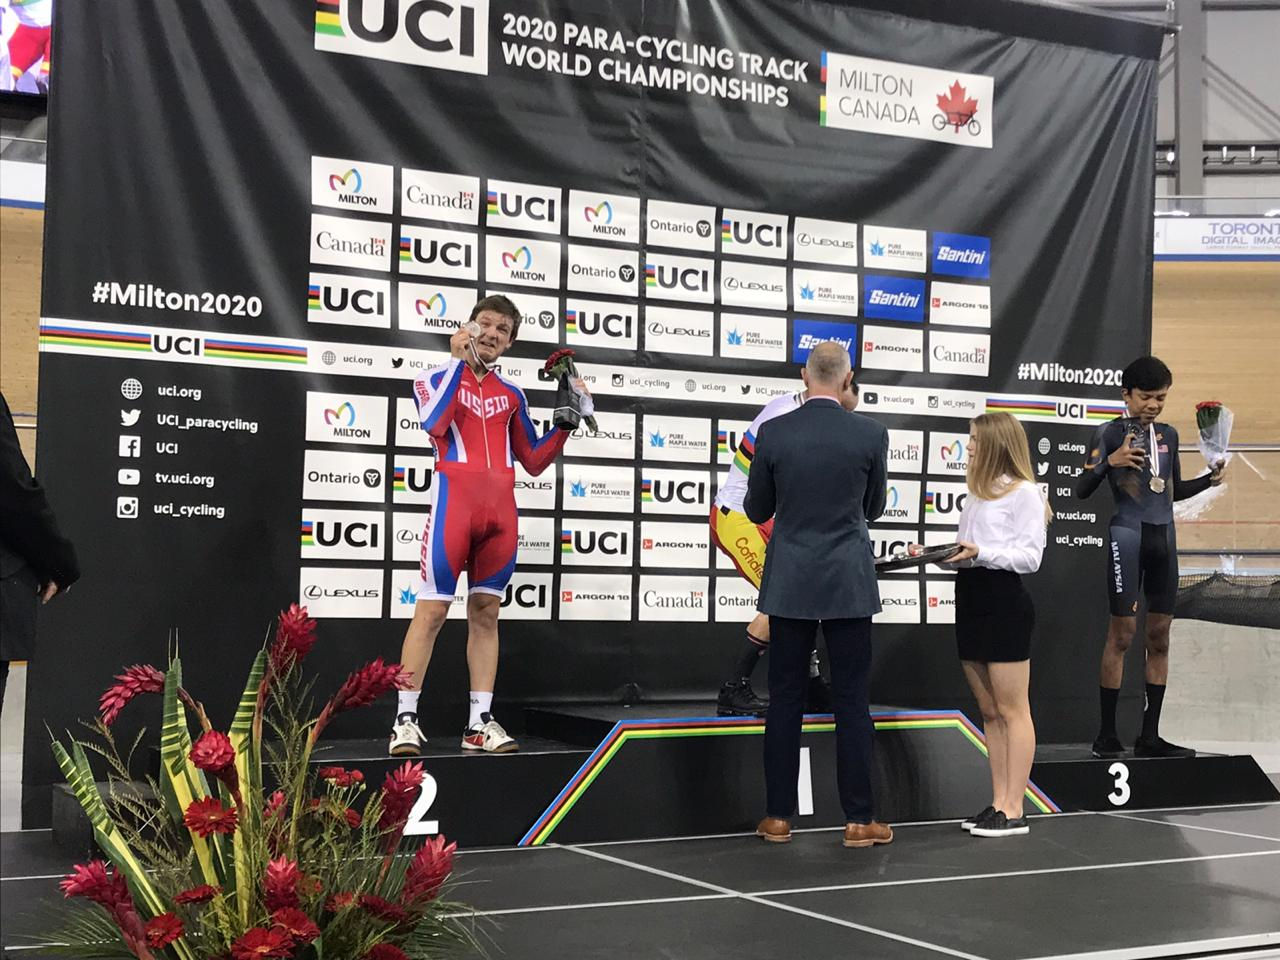 Иван Ермаков завоевал серебряную медаль в 3-й день чемпионата мира по велоспорту на треке спорта лиц с ПОДА и нарушением зрения в Канаде